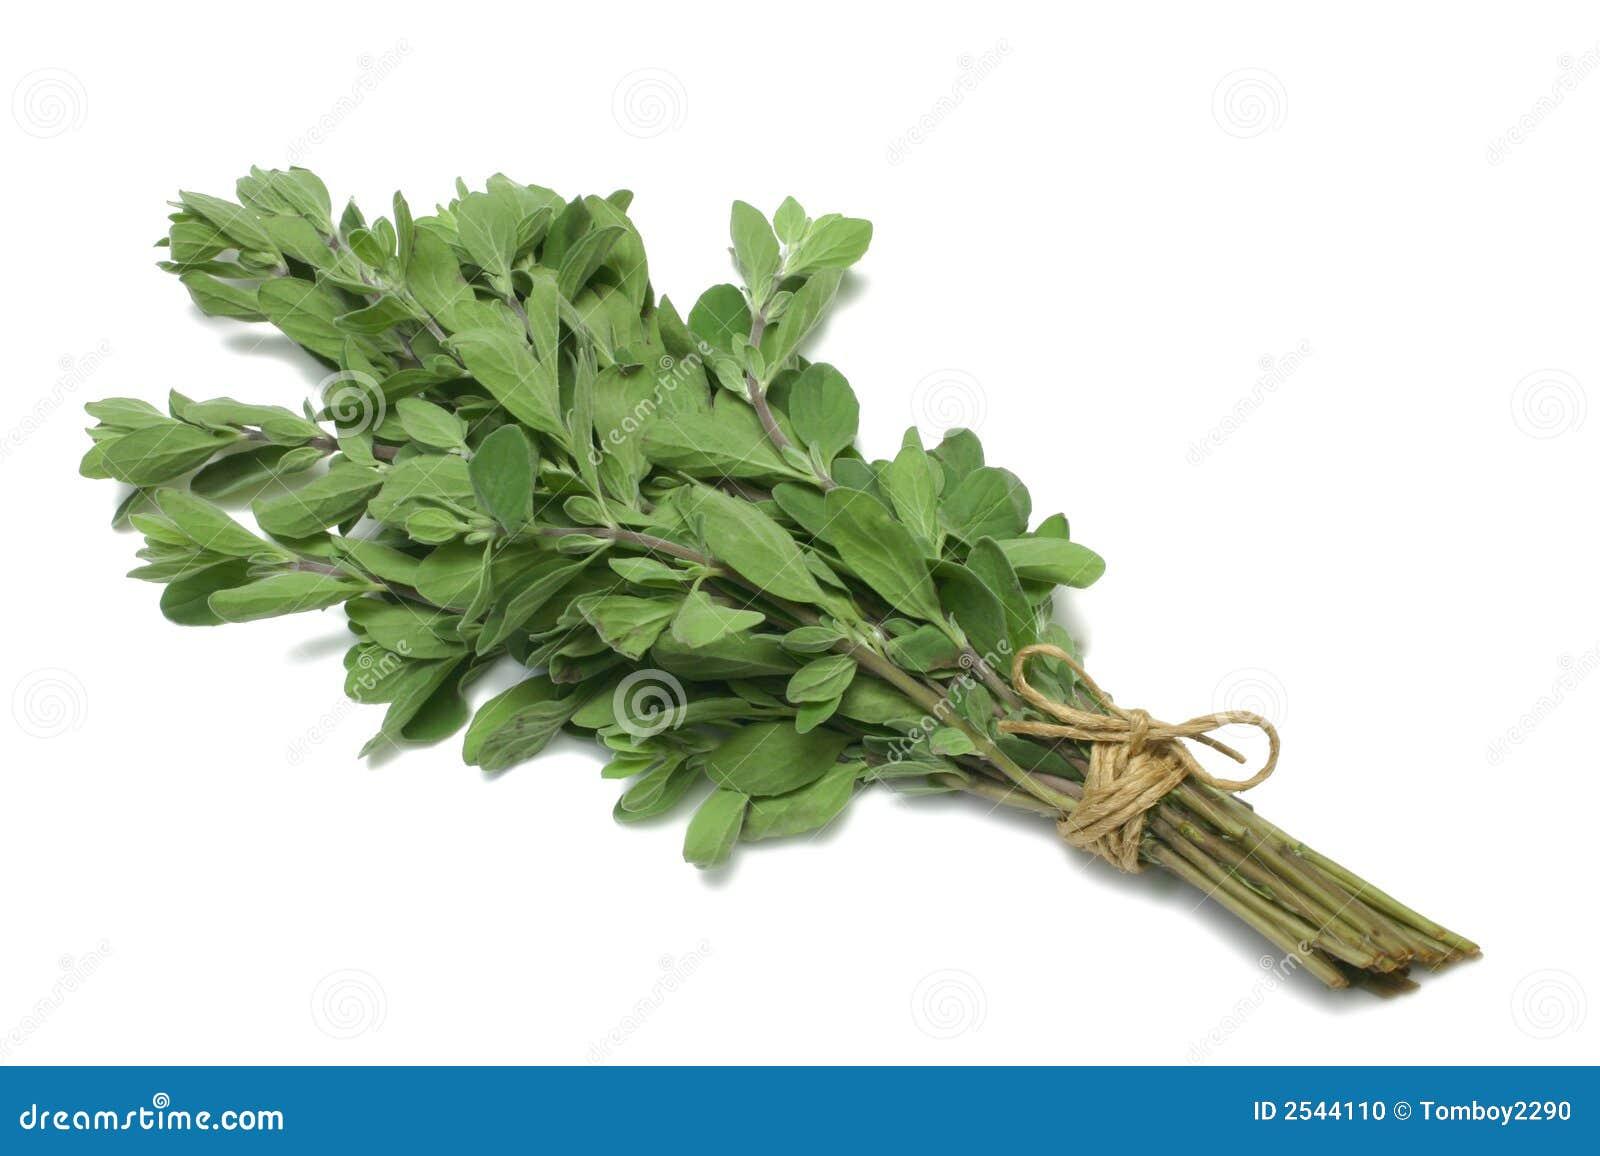 Herb Series Marjoram